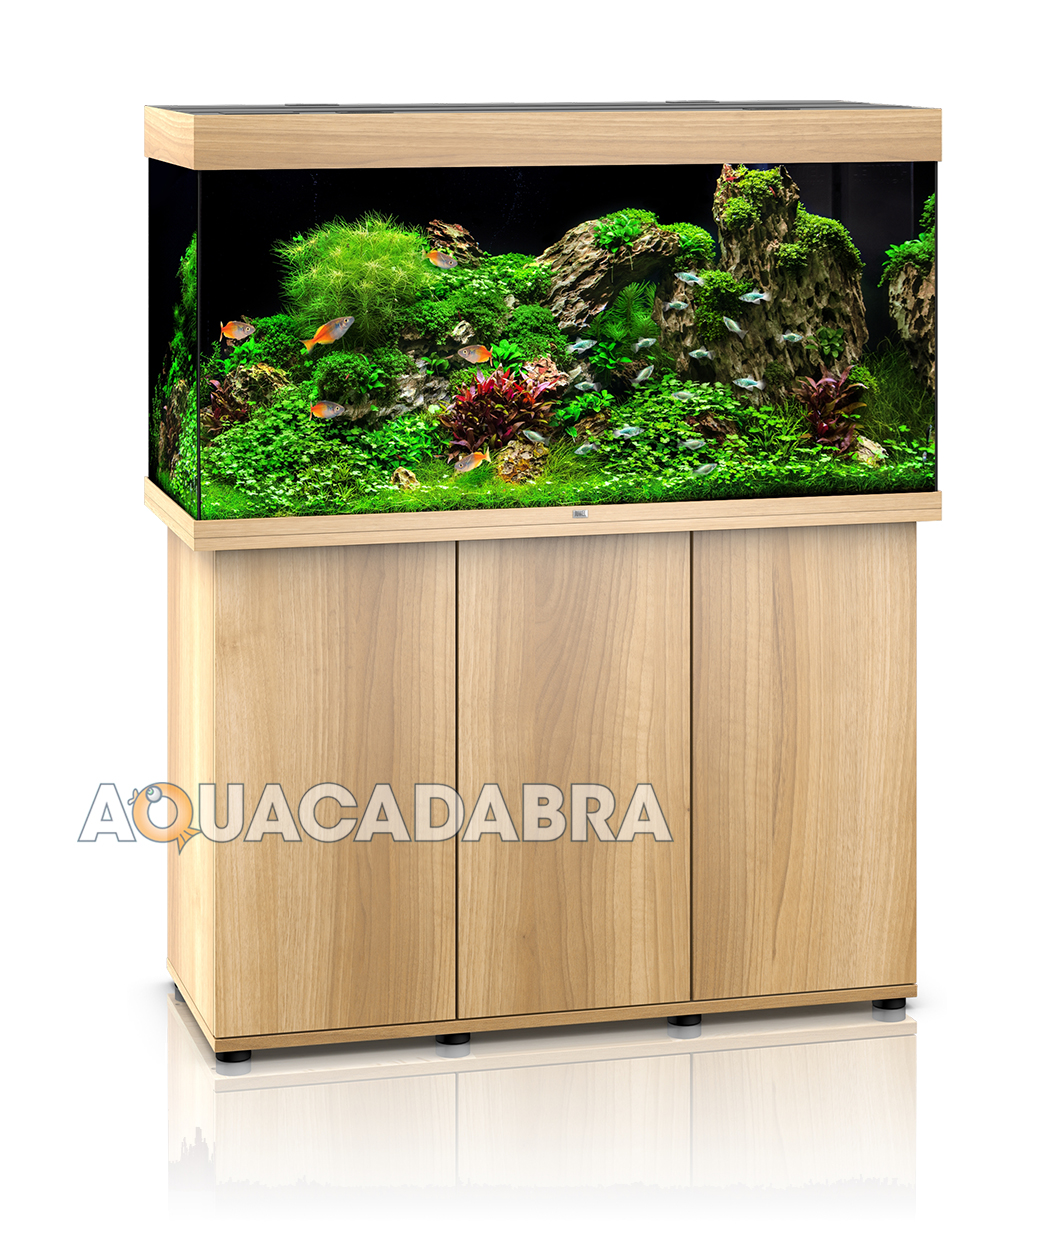 juwel rio 350 led aquarium free cabinet led lighting filter heater ebay. Black Bedroom Furniture Sets. Home Design Ideas